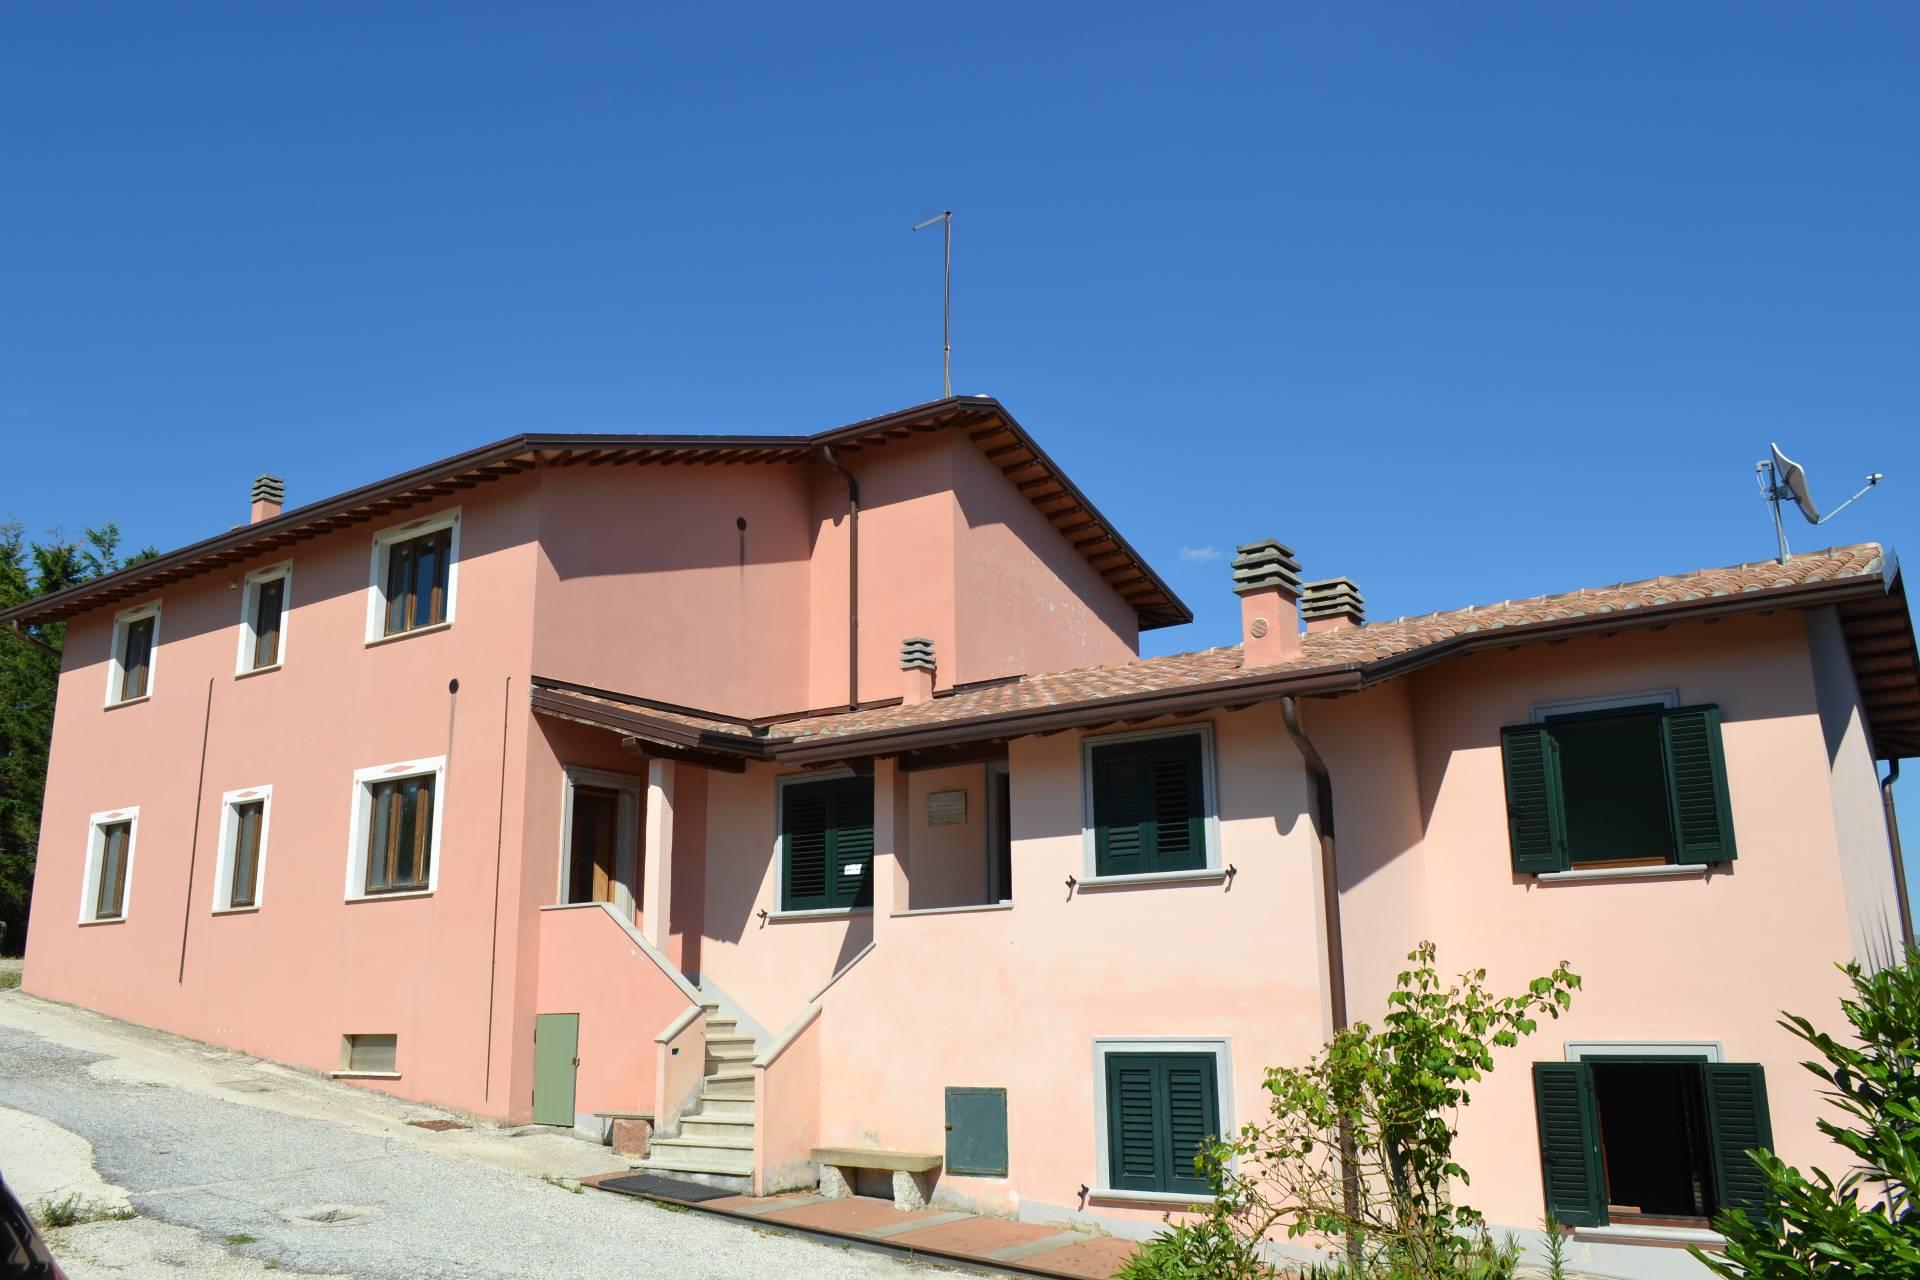 Rustico / Casale in vendita a Gualdo Tadino, 8 locali, prezzo € 175.000 | Cambio Casa.it